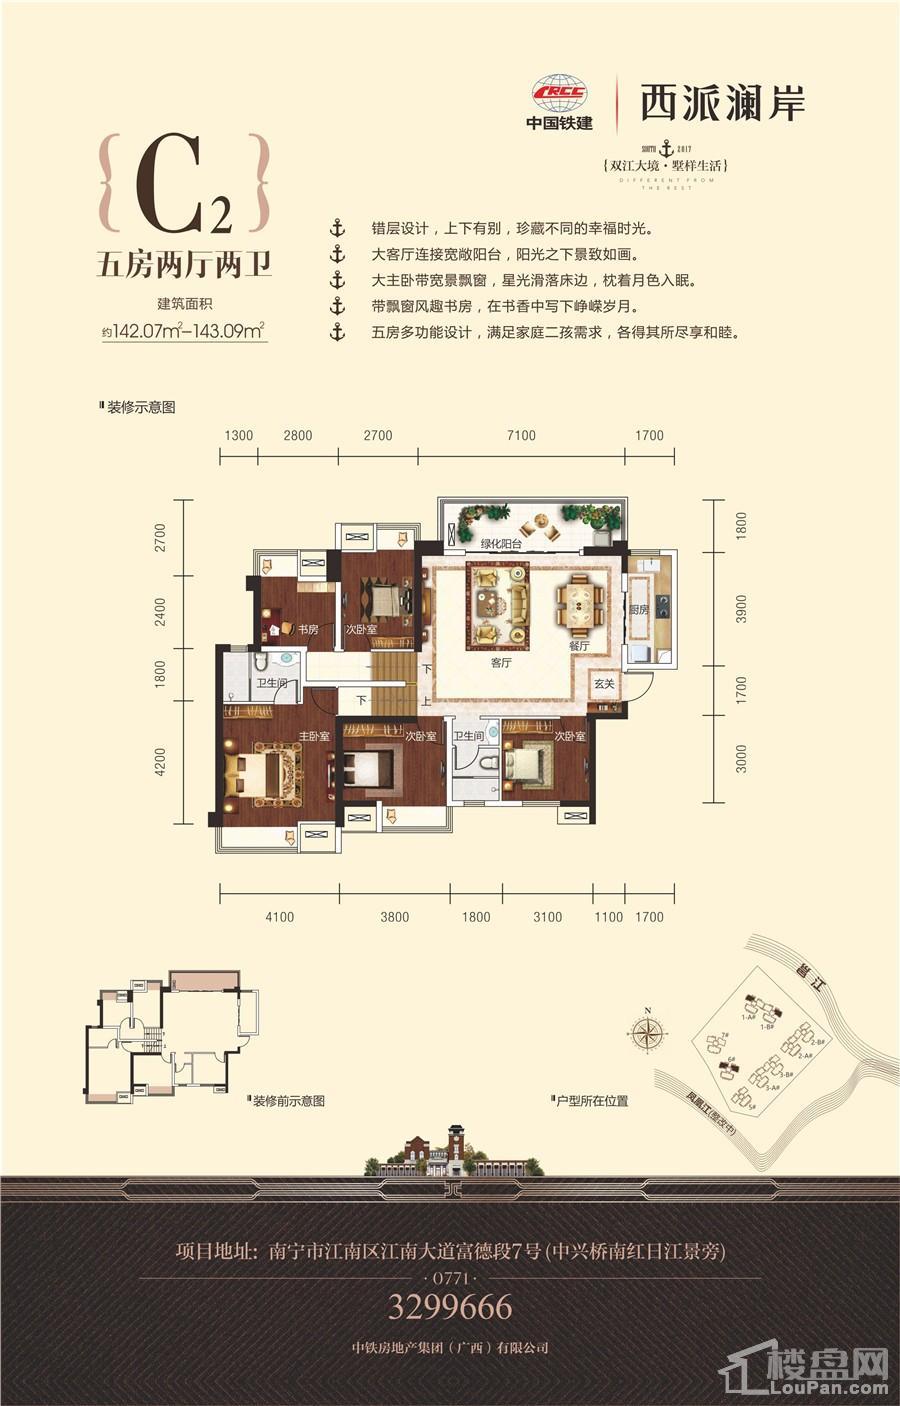 中国铁建西派澜岸1/6#楼 C2户型